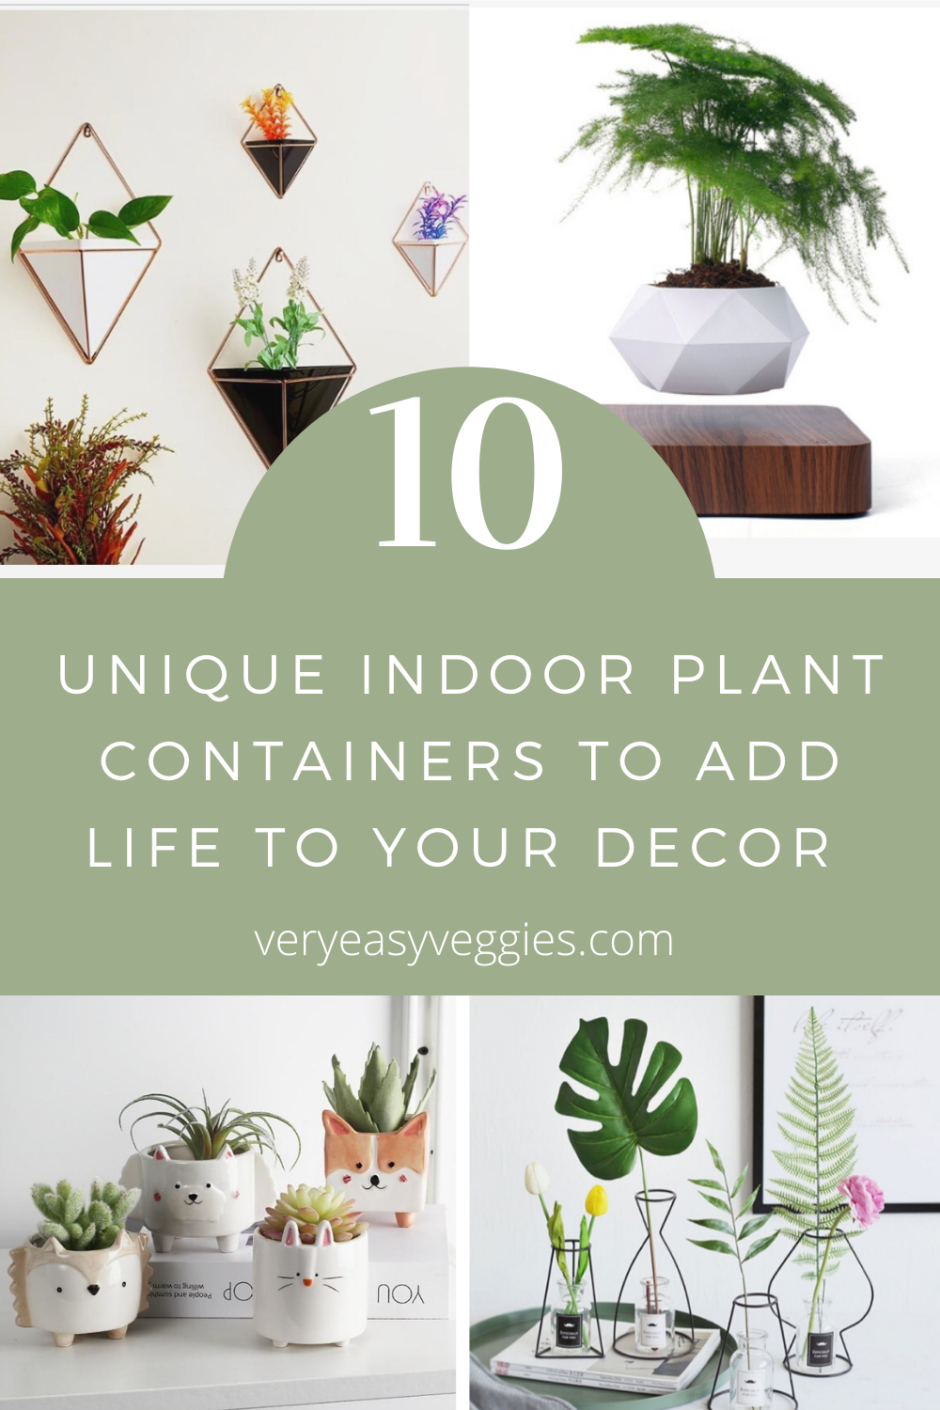 Unique Pots for Indoor plants